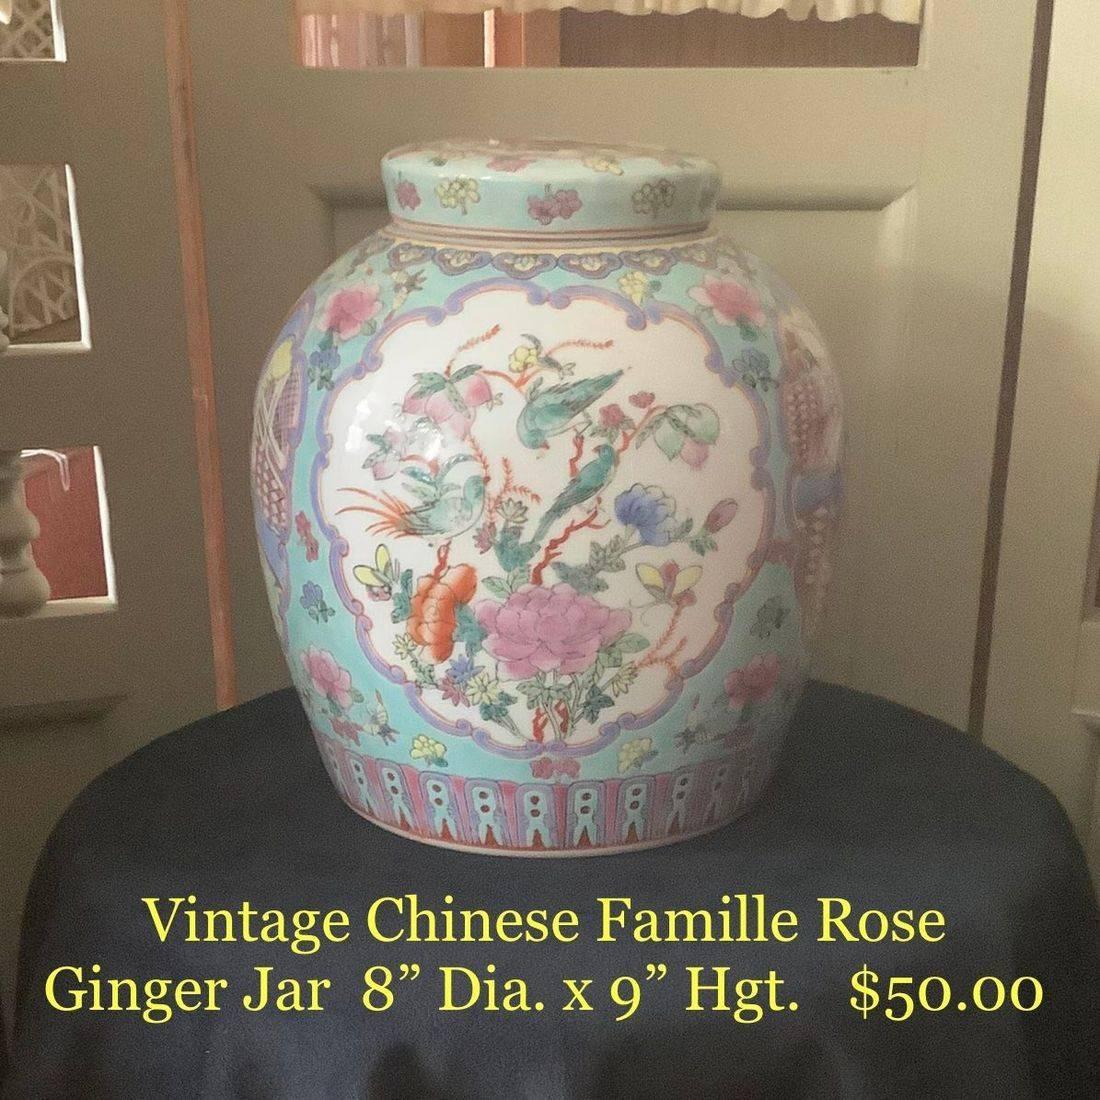 Vintage Chinese Famille Rose Ginger Jar   $50.00